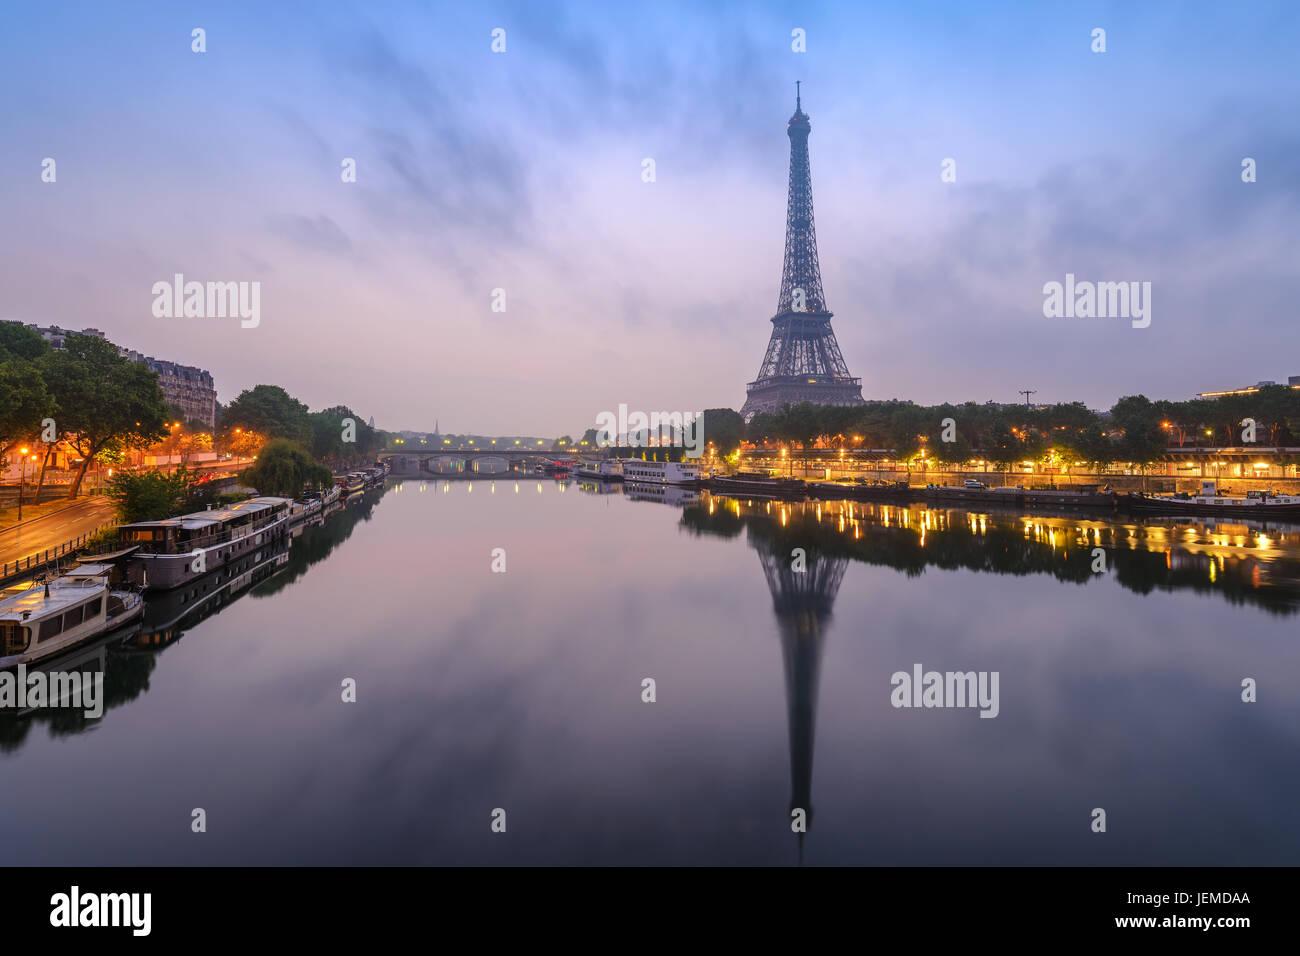 El horizonte de la ciudad de París con la Torre Eiffel y el Río Sena al amanecer, París, Francia Imagen De Stock